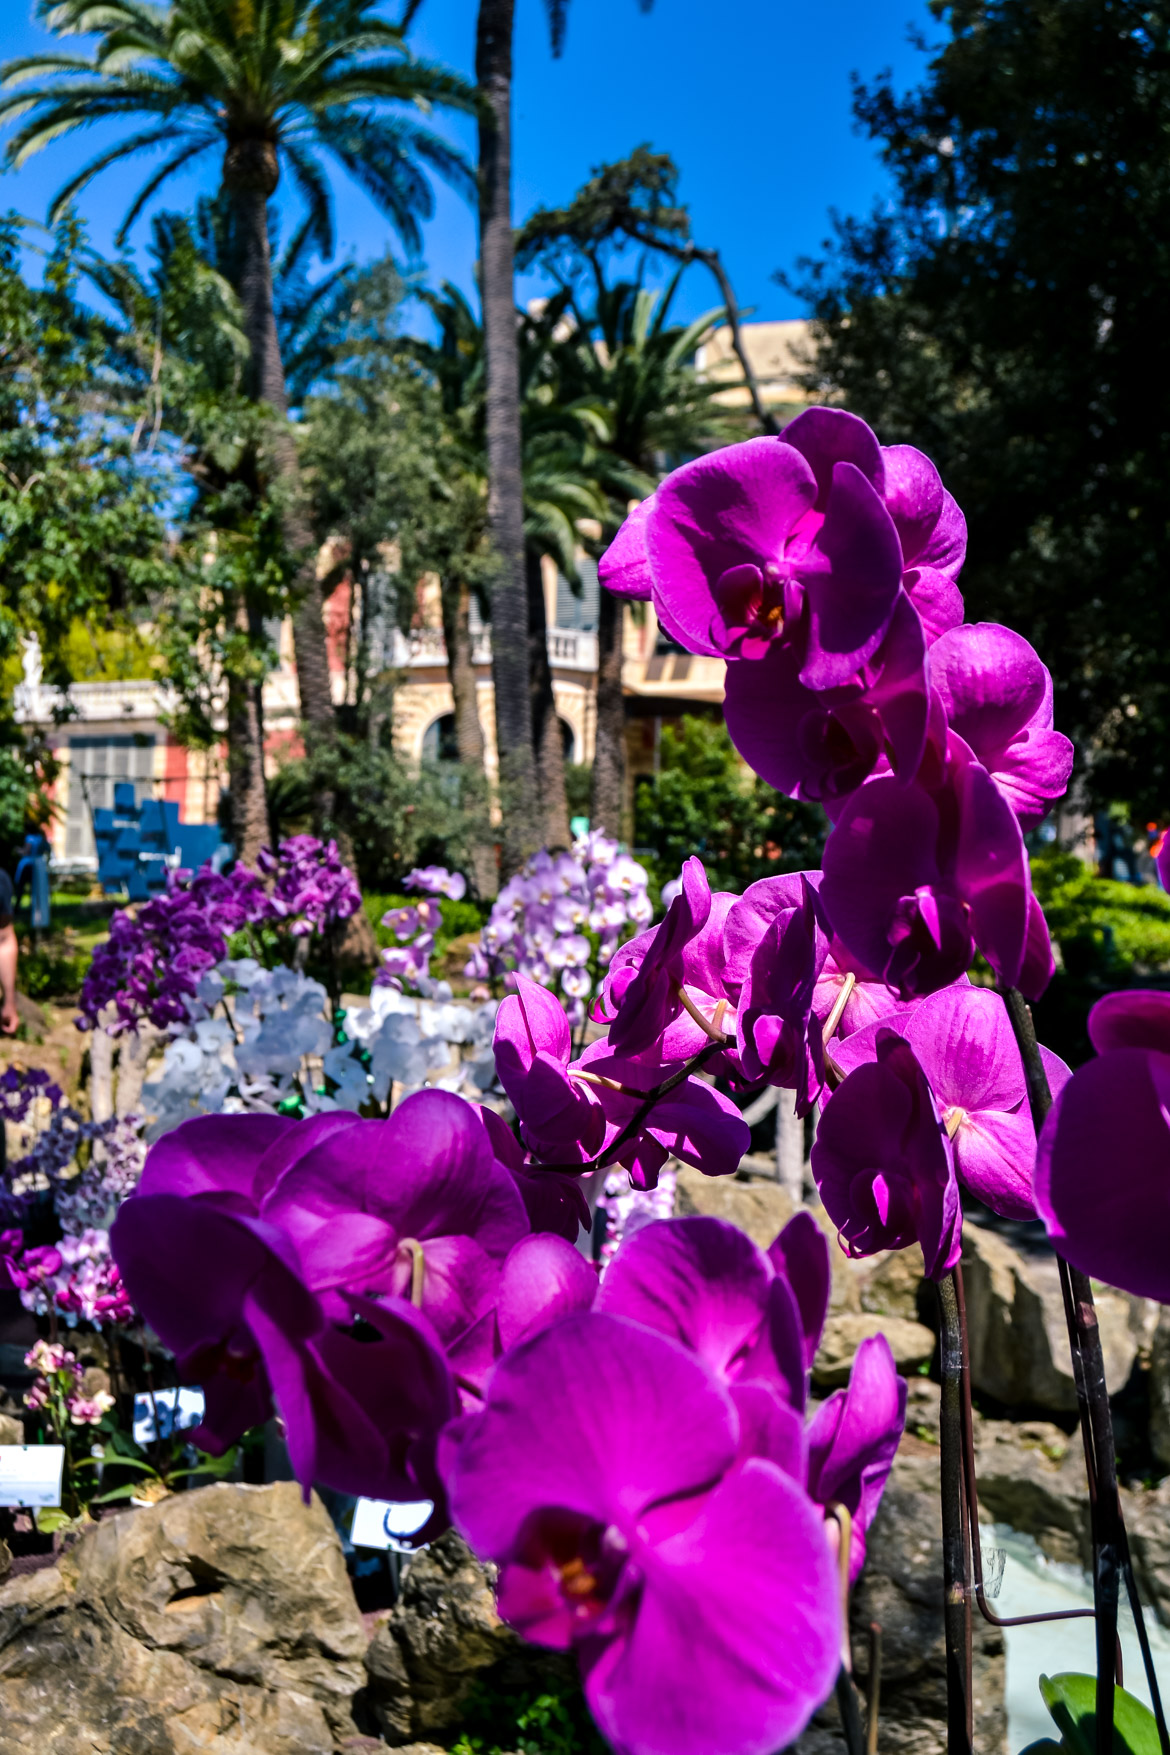 Genova Euroflora orchidee - in Viaggio con Monica